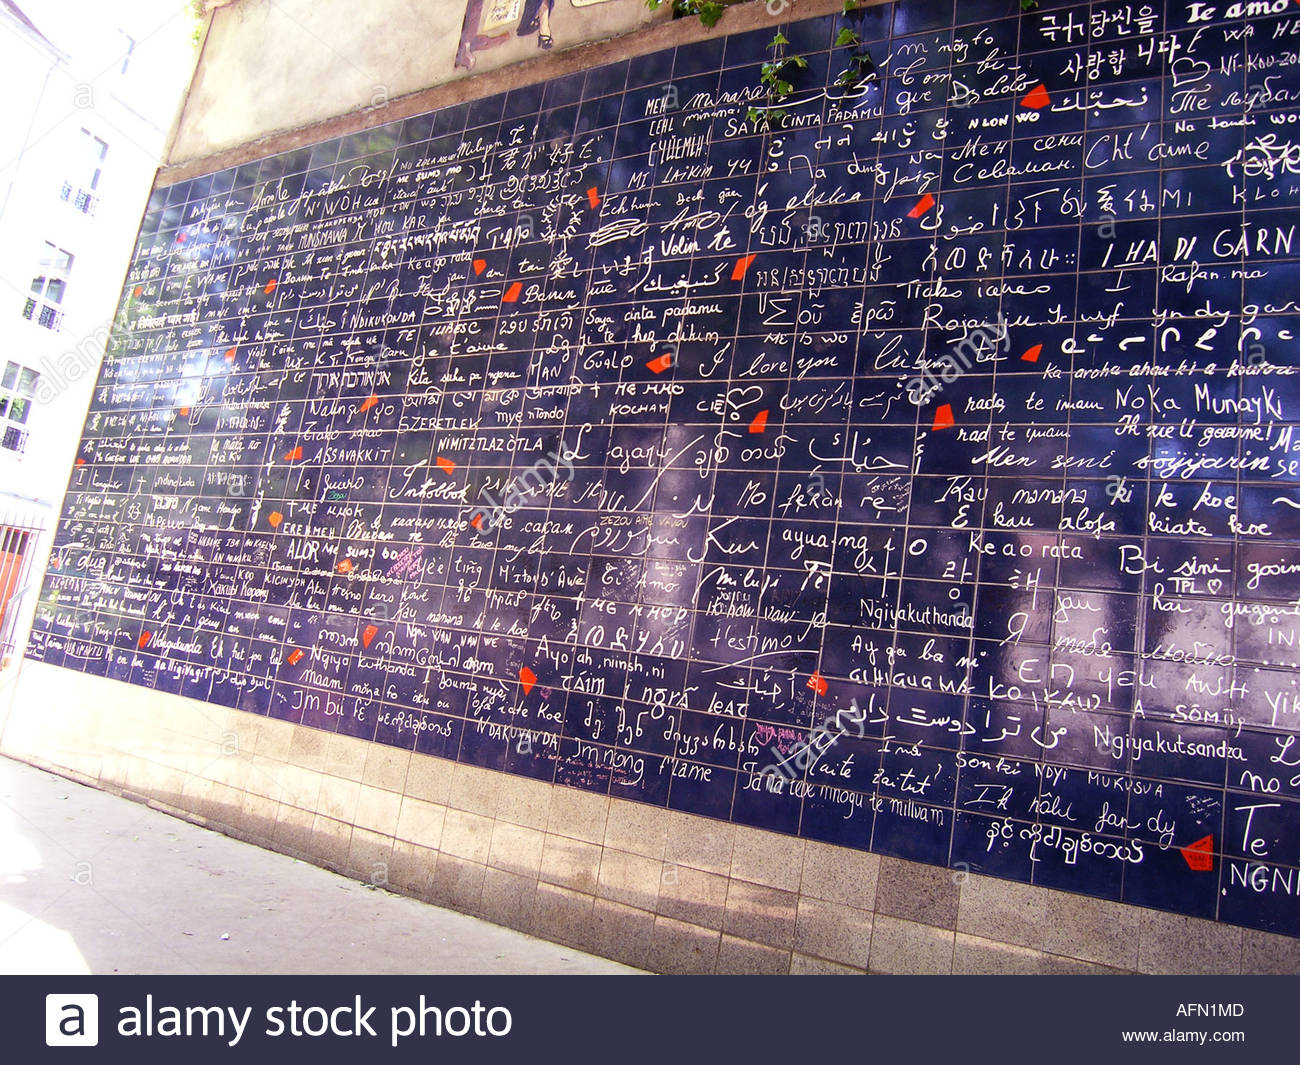 Love Wall near Place des Abbesses Montmartre Paris France - Stock Image